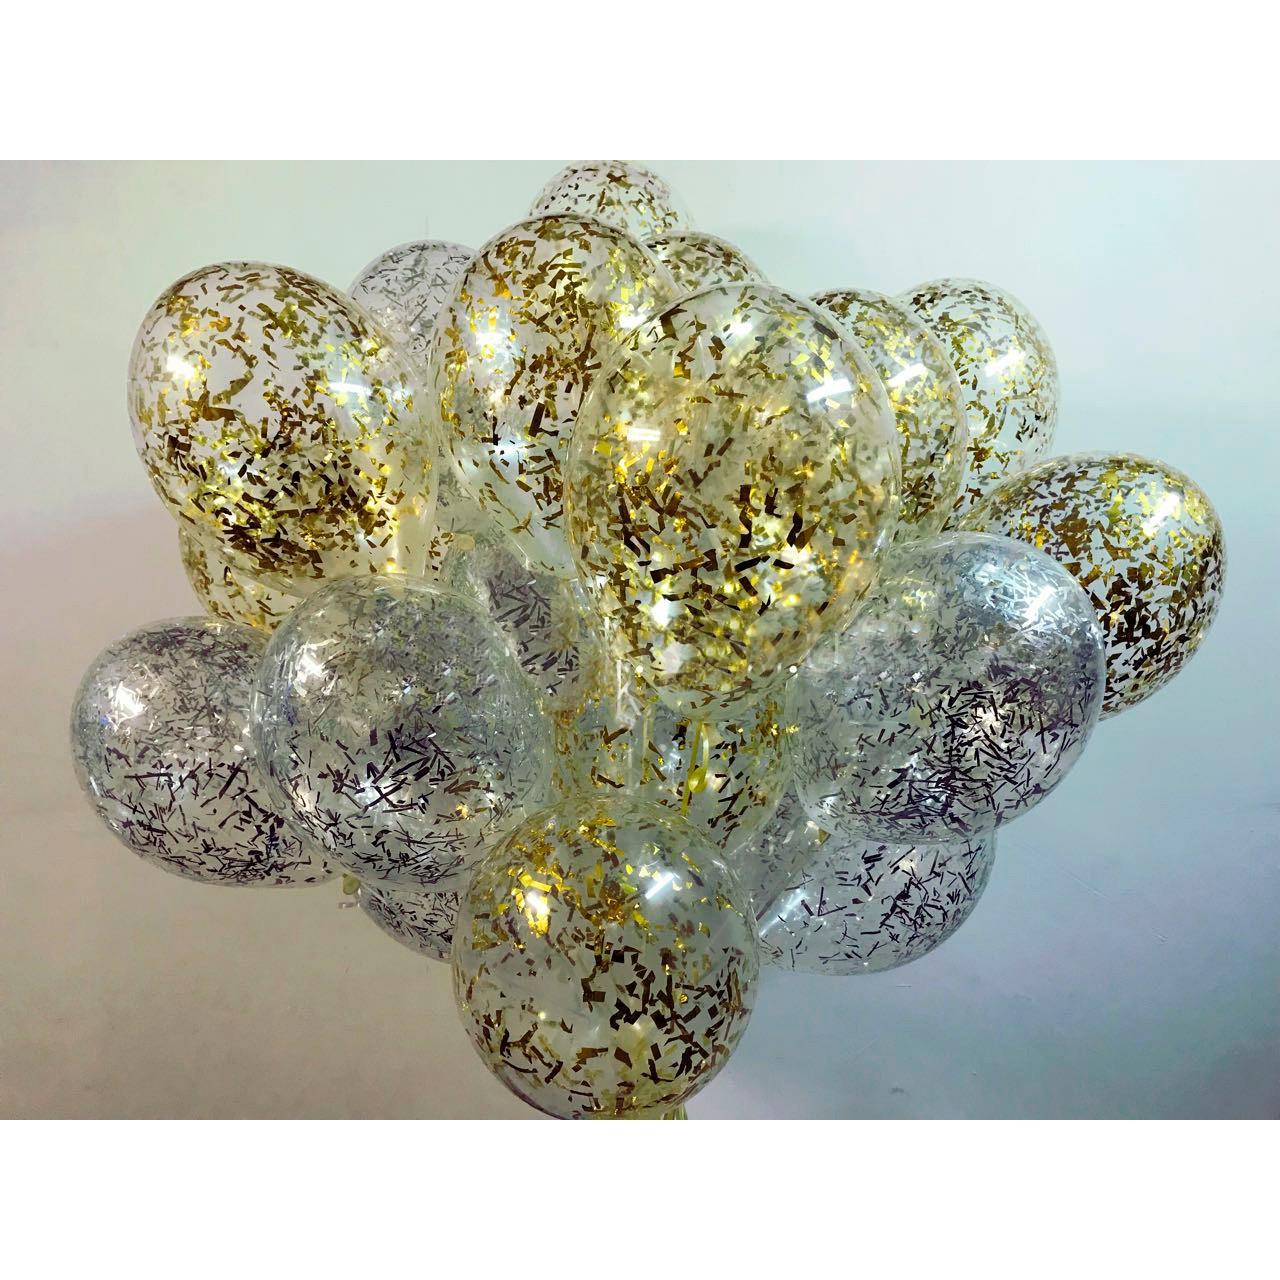 Повітряні кульки Gemar Кристал Прозорий з наповненням 12' (30 см) Gemar 110-00 1593